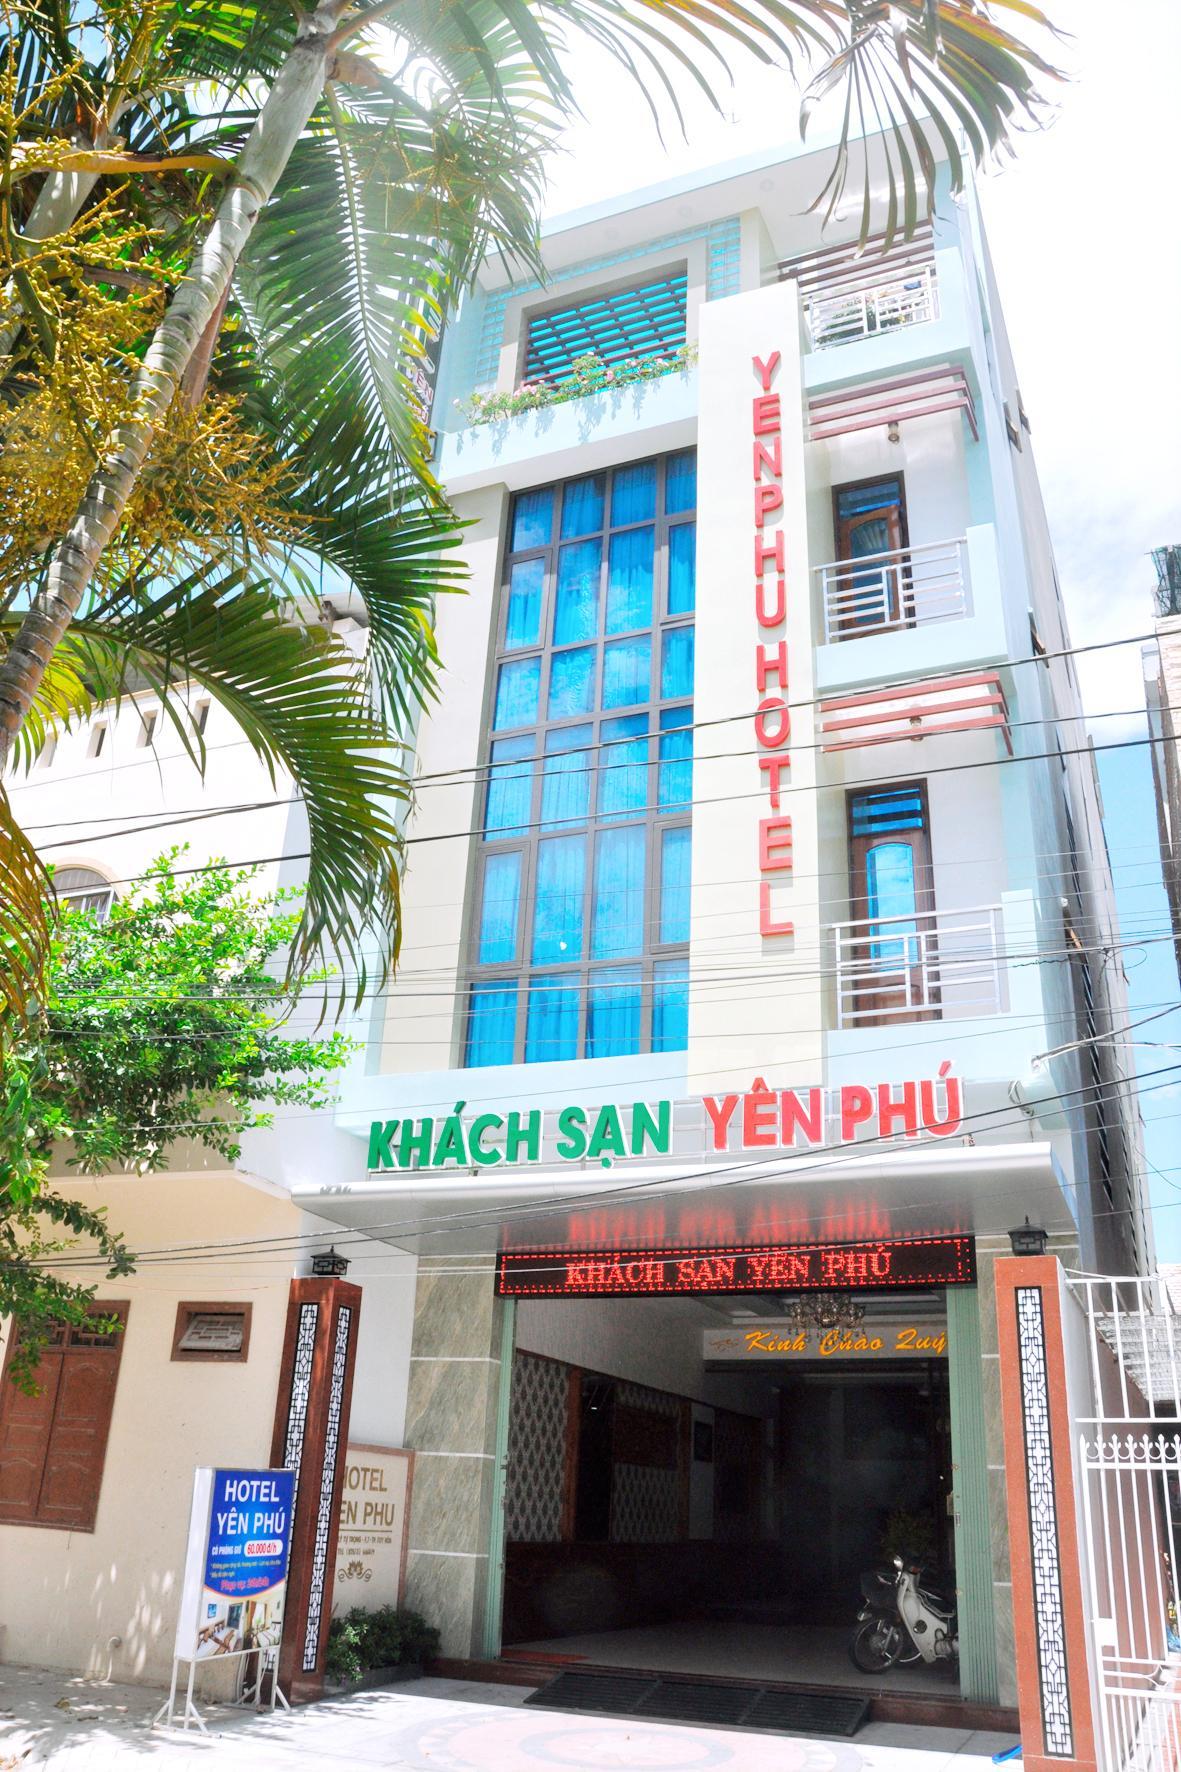 Khách sạn Yên Phú